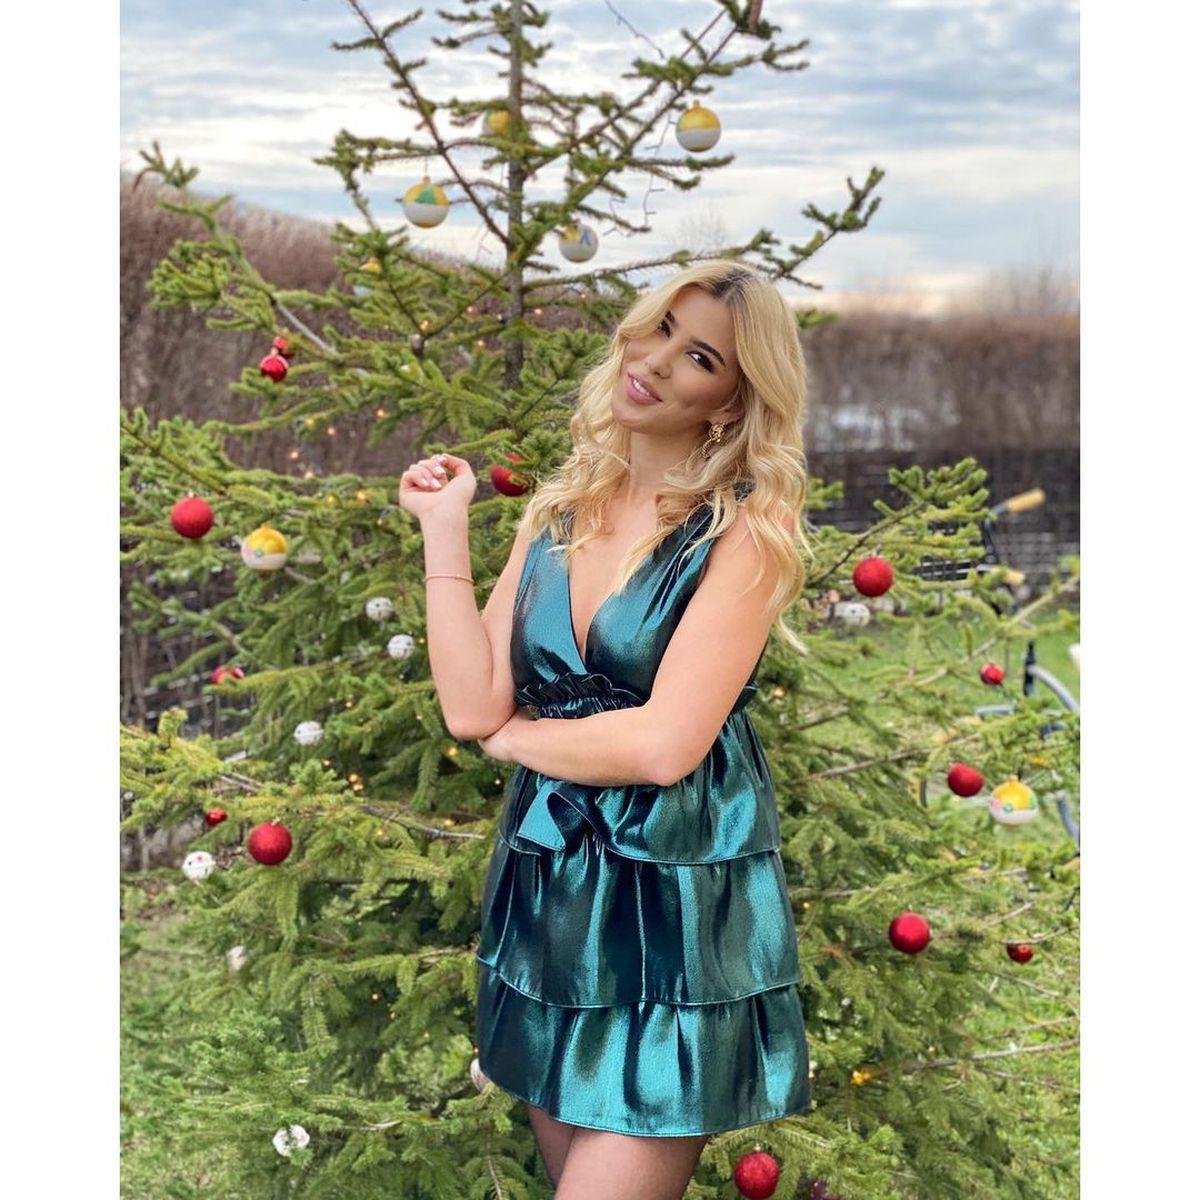 FOTO Teodora Vochin, fiica lui Andrei Vochin